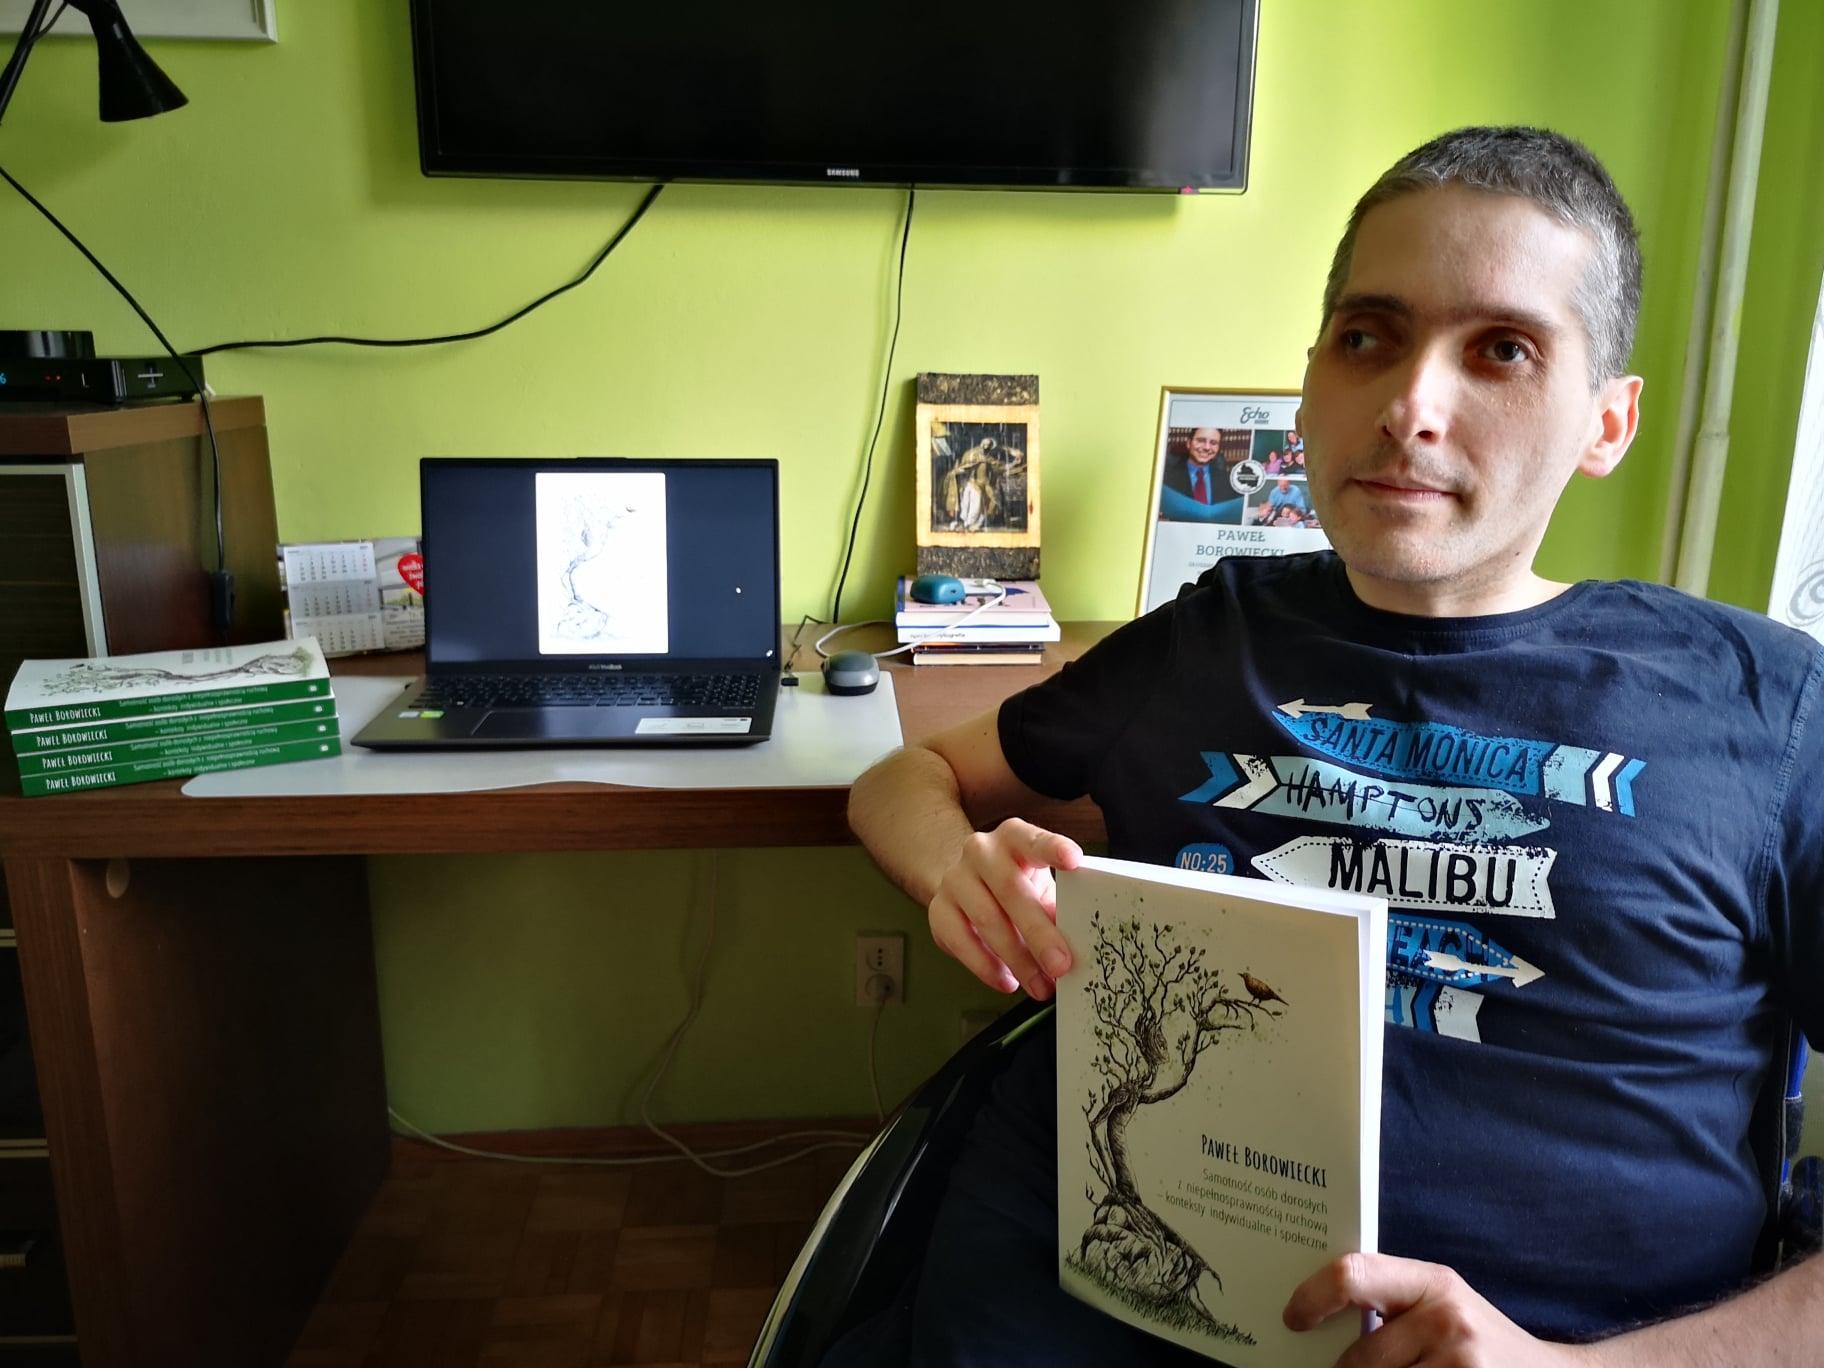 Samotność osób dorosłych z niepełnosprawnością